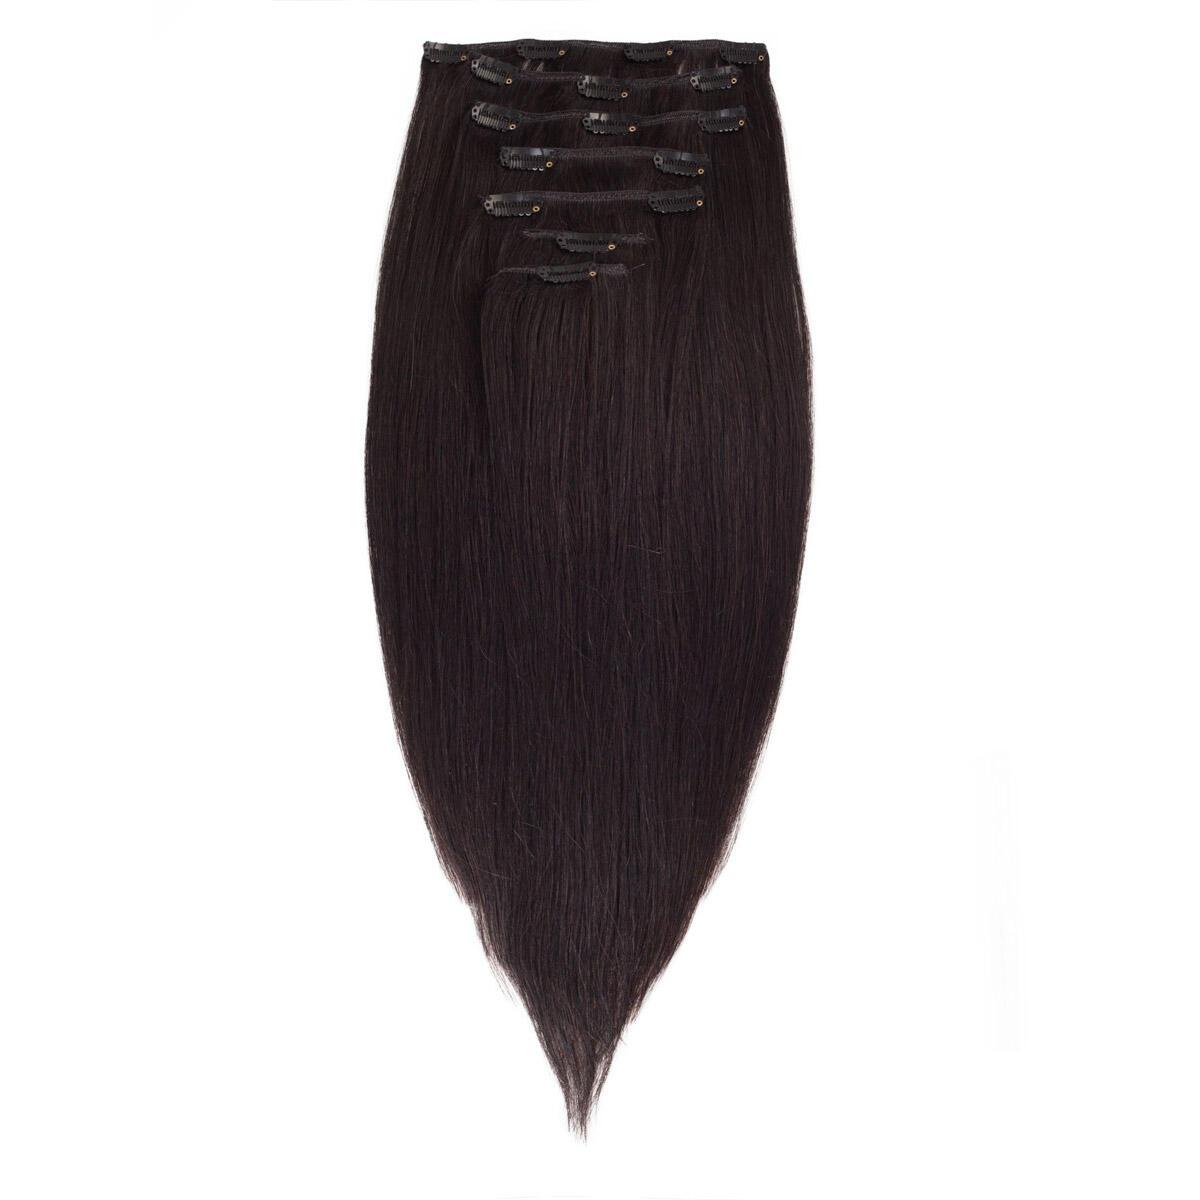 Clip-on Set Premium 7 pieces 1.2 Black Brown 50 cm